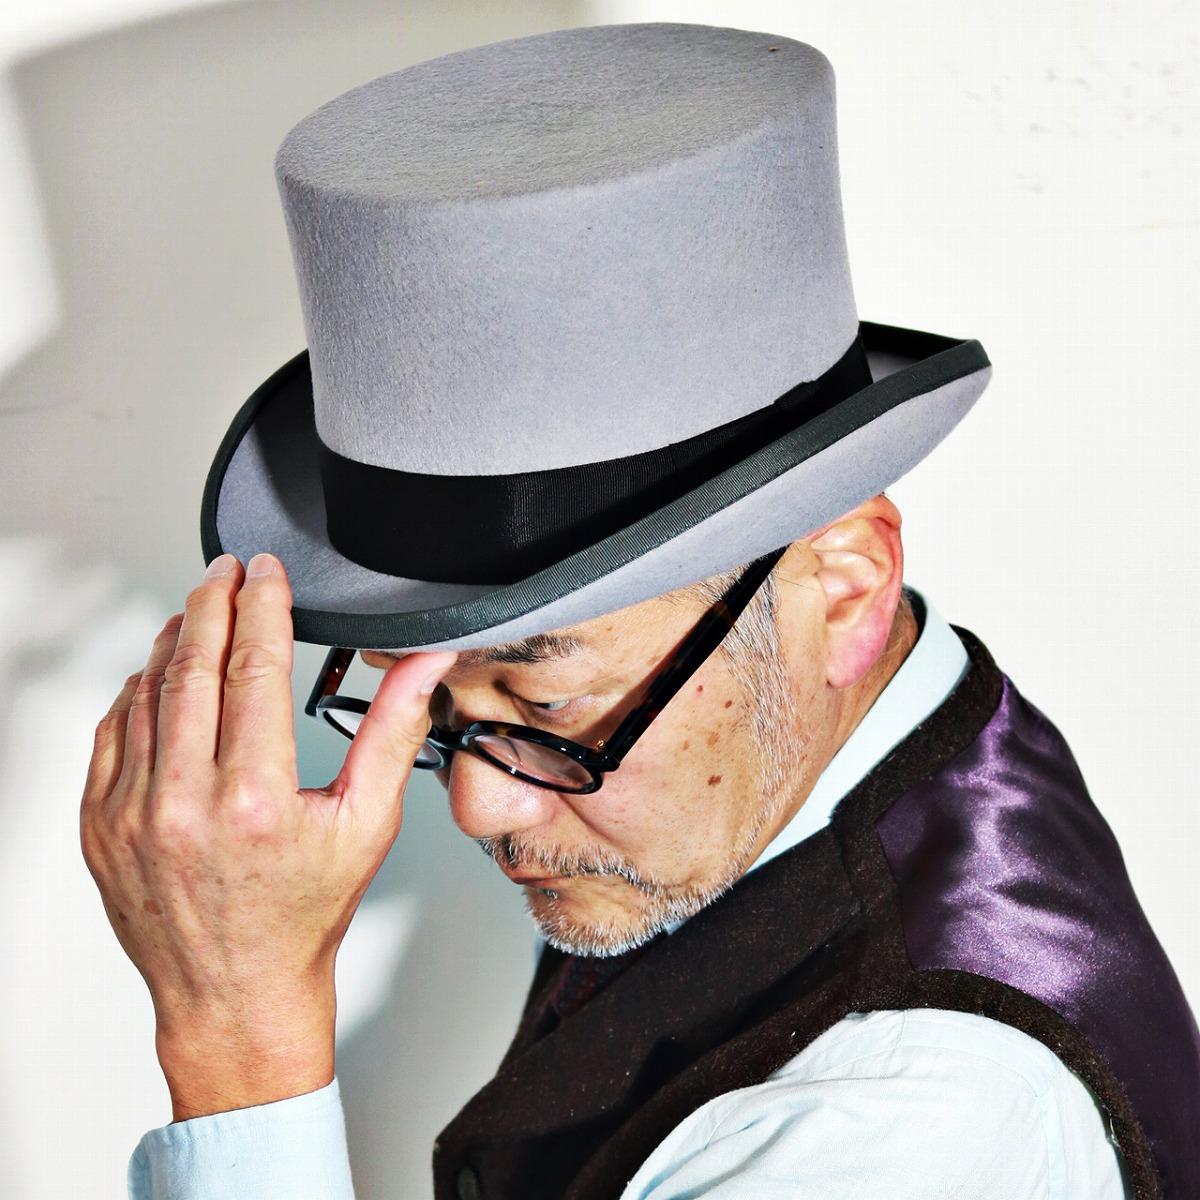 クリスティーズロンドン シルクハット メンズ 秋冬 CHRISTYS' LONDON 帽子 ウール100% フェルトハット ダービーハット レディース グレー (ウール フェルト) [top hat](ハット ウールハット ボーラーハット ダービー 40代 50代 60代 ファッション 紳士帽子 メンズハット)